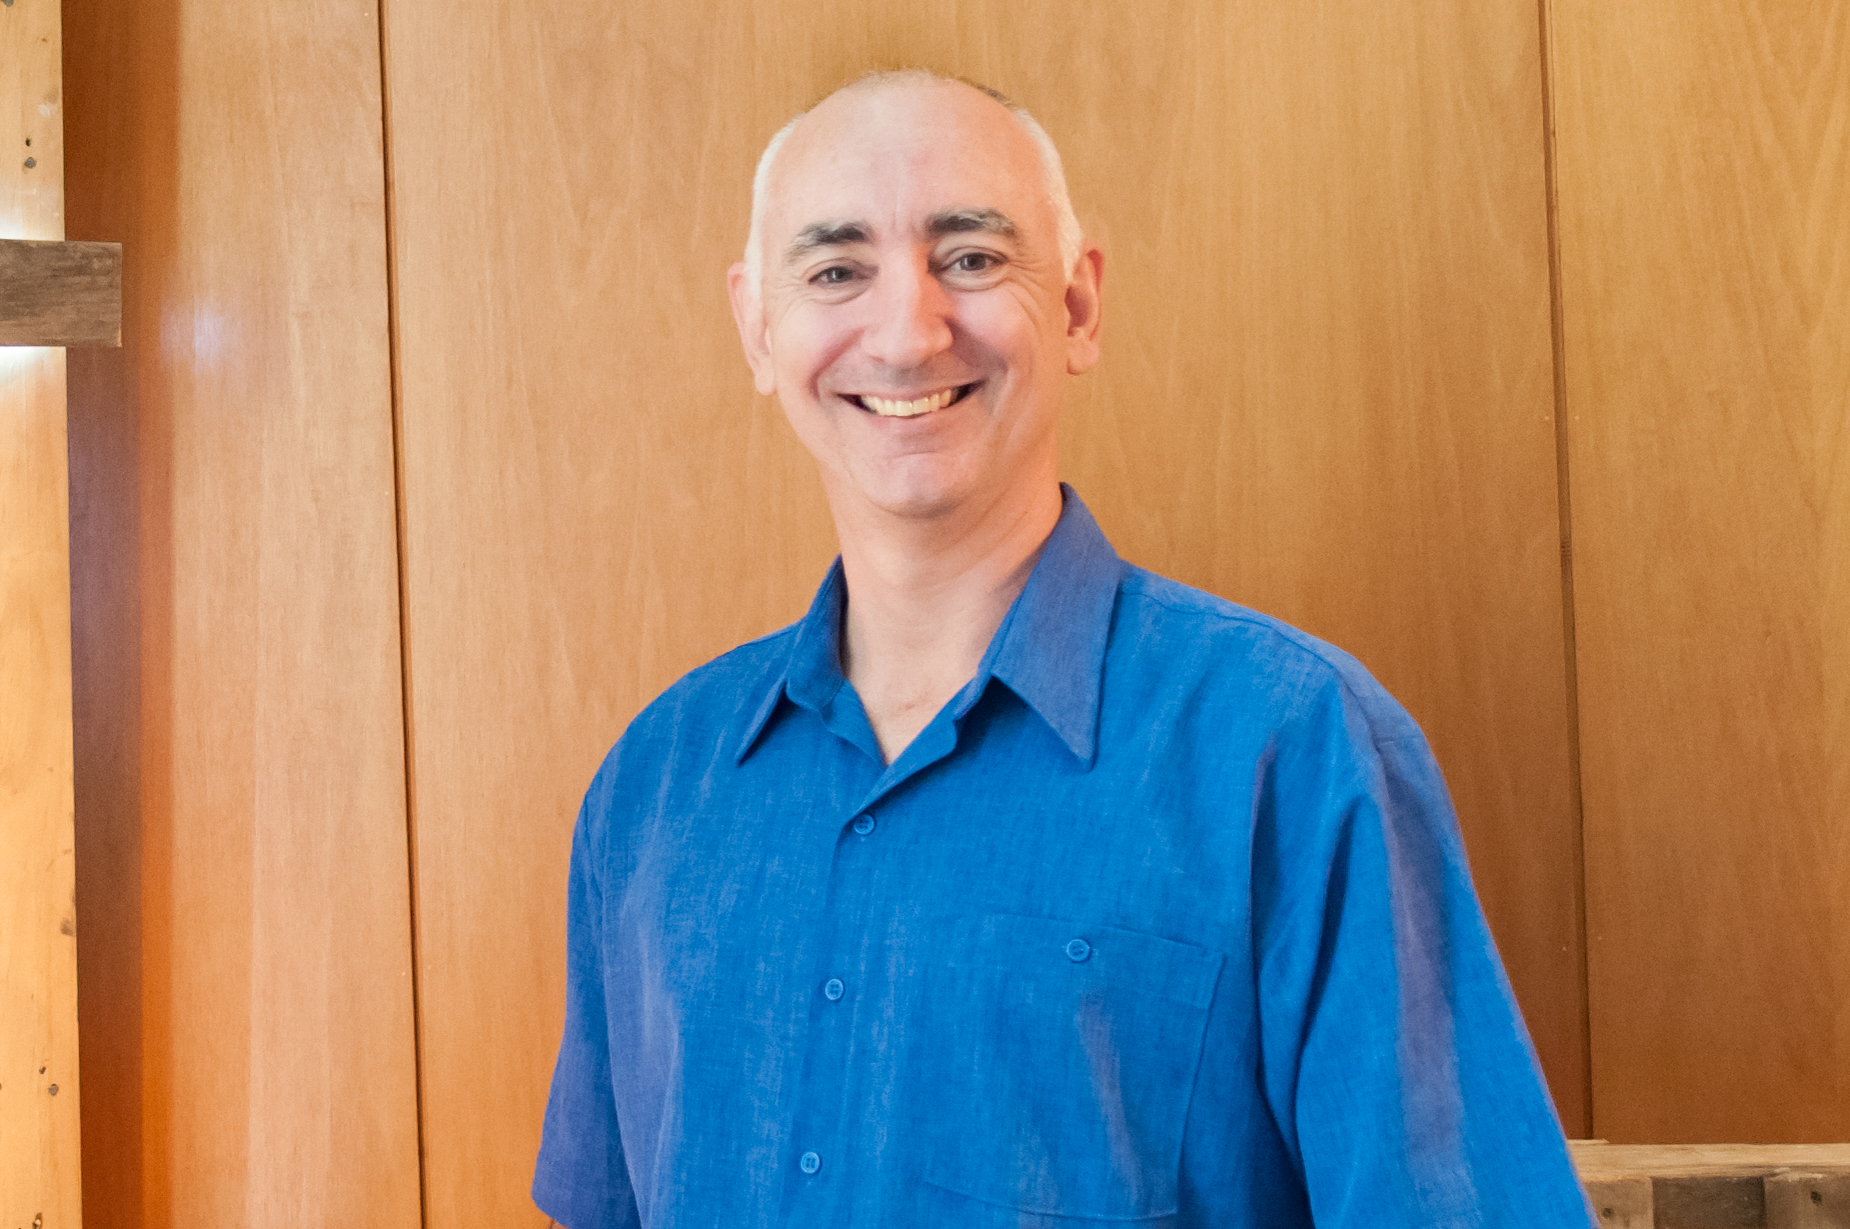 Richard Heape